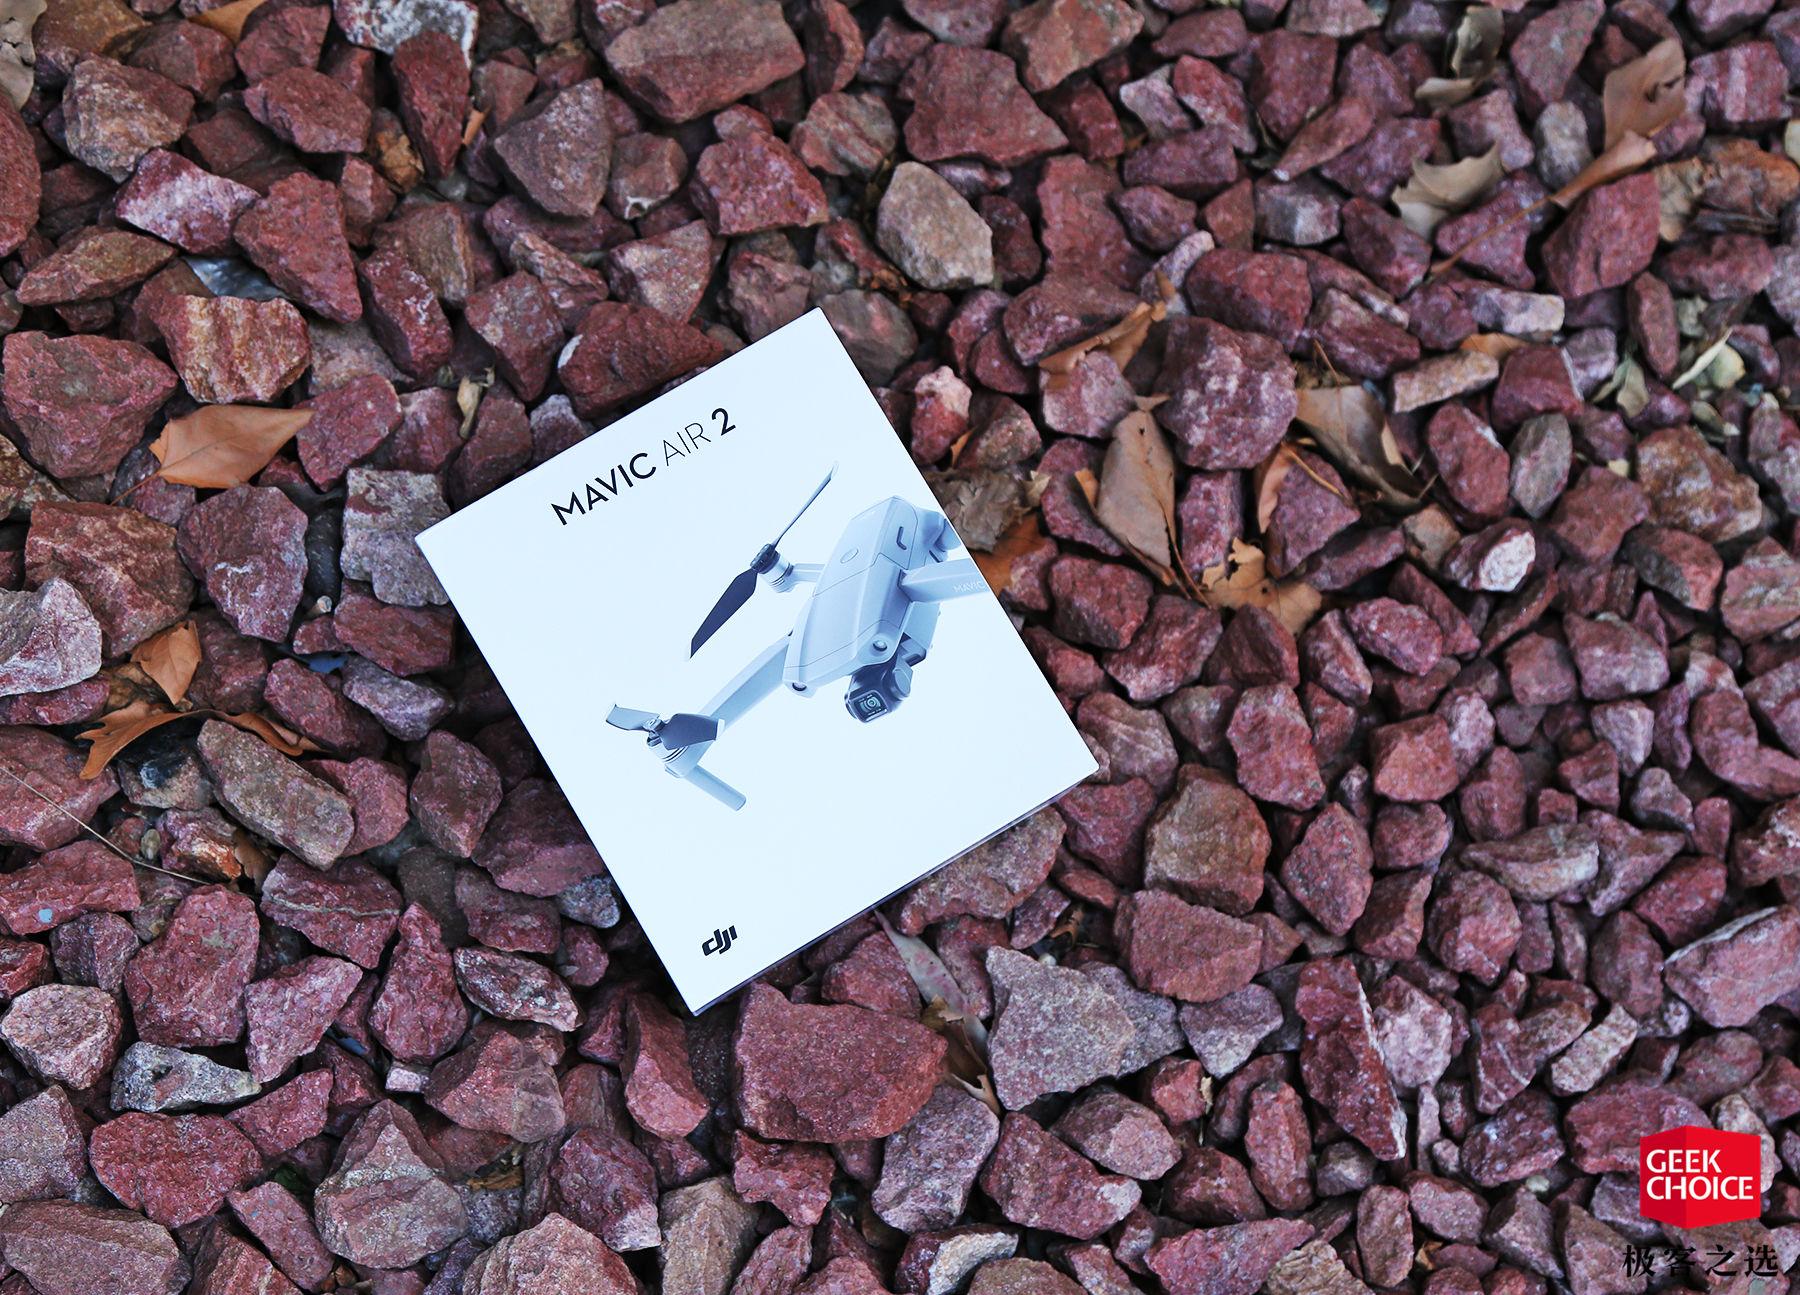 即使是菜鸟,真人下注网这款聪明的无人机也能让你变身航拍老炮 (/) 公司新闻 第2张